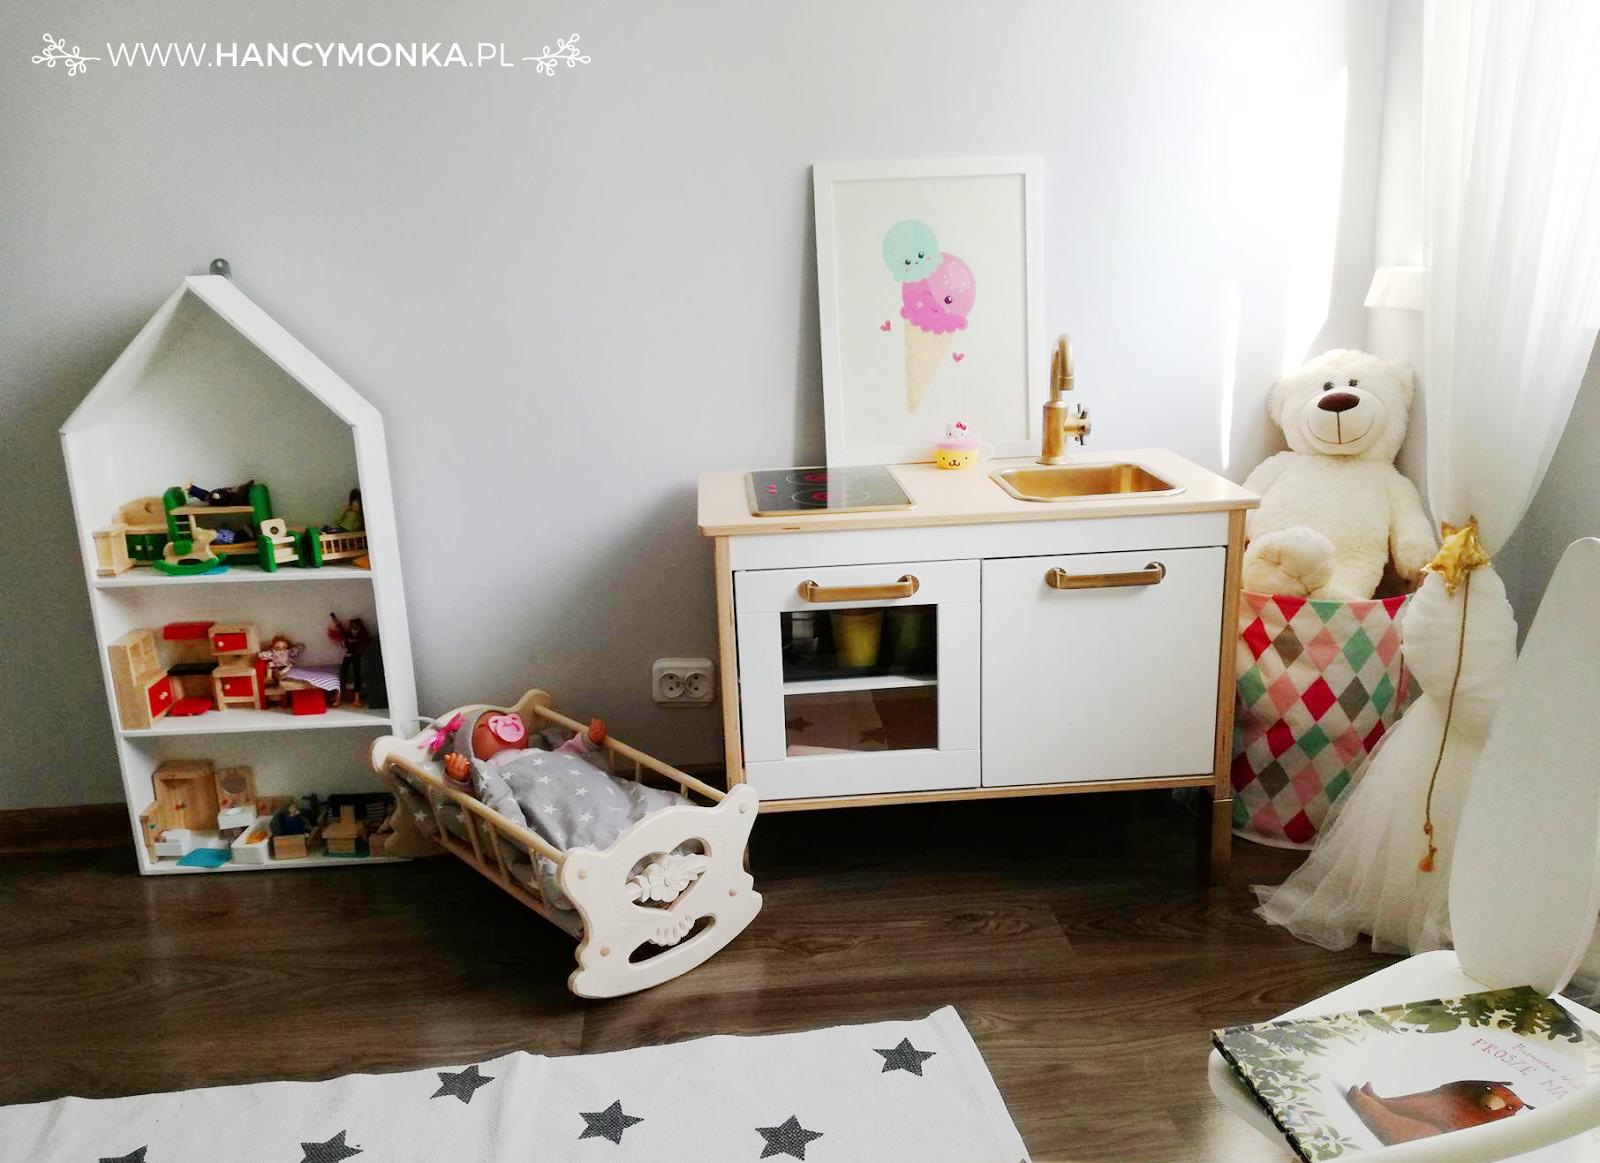 pokój dziecięcy, pokój dziewczynki, pokój skandynawski, skandynawski styl, girl room, kids room, scandi style, scandinavian style, bunny, stars, girly room, hancymonka, pokój Hani, pokój przedszkolaka, roomdecor, home decor, home design, interior design